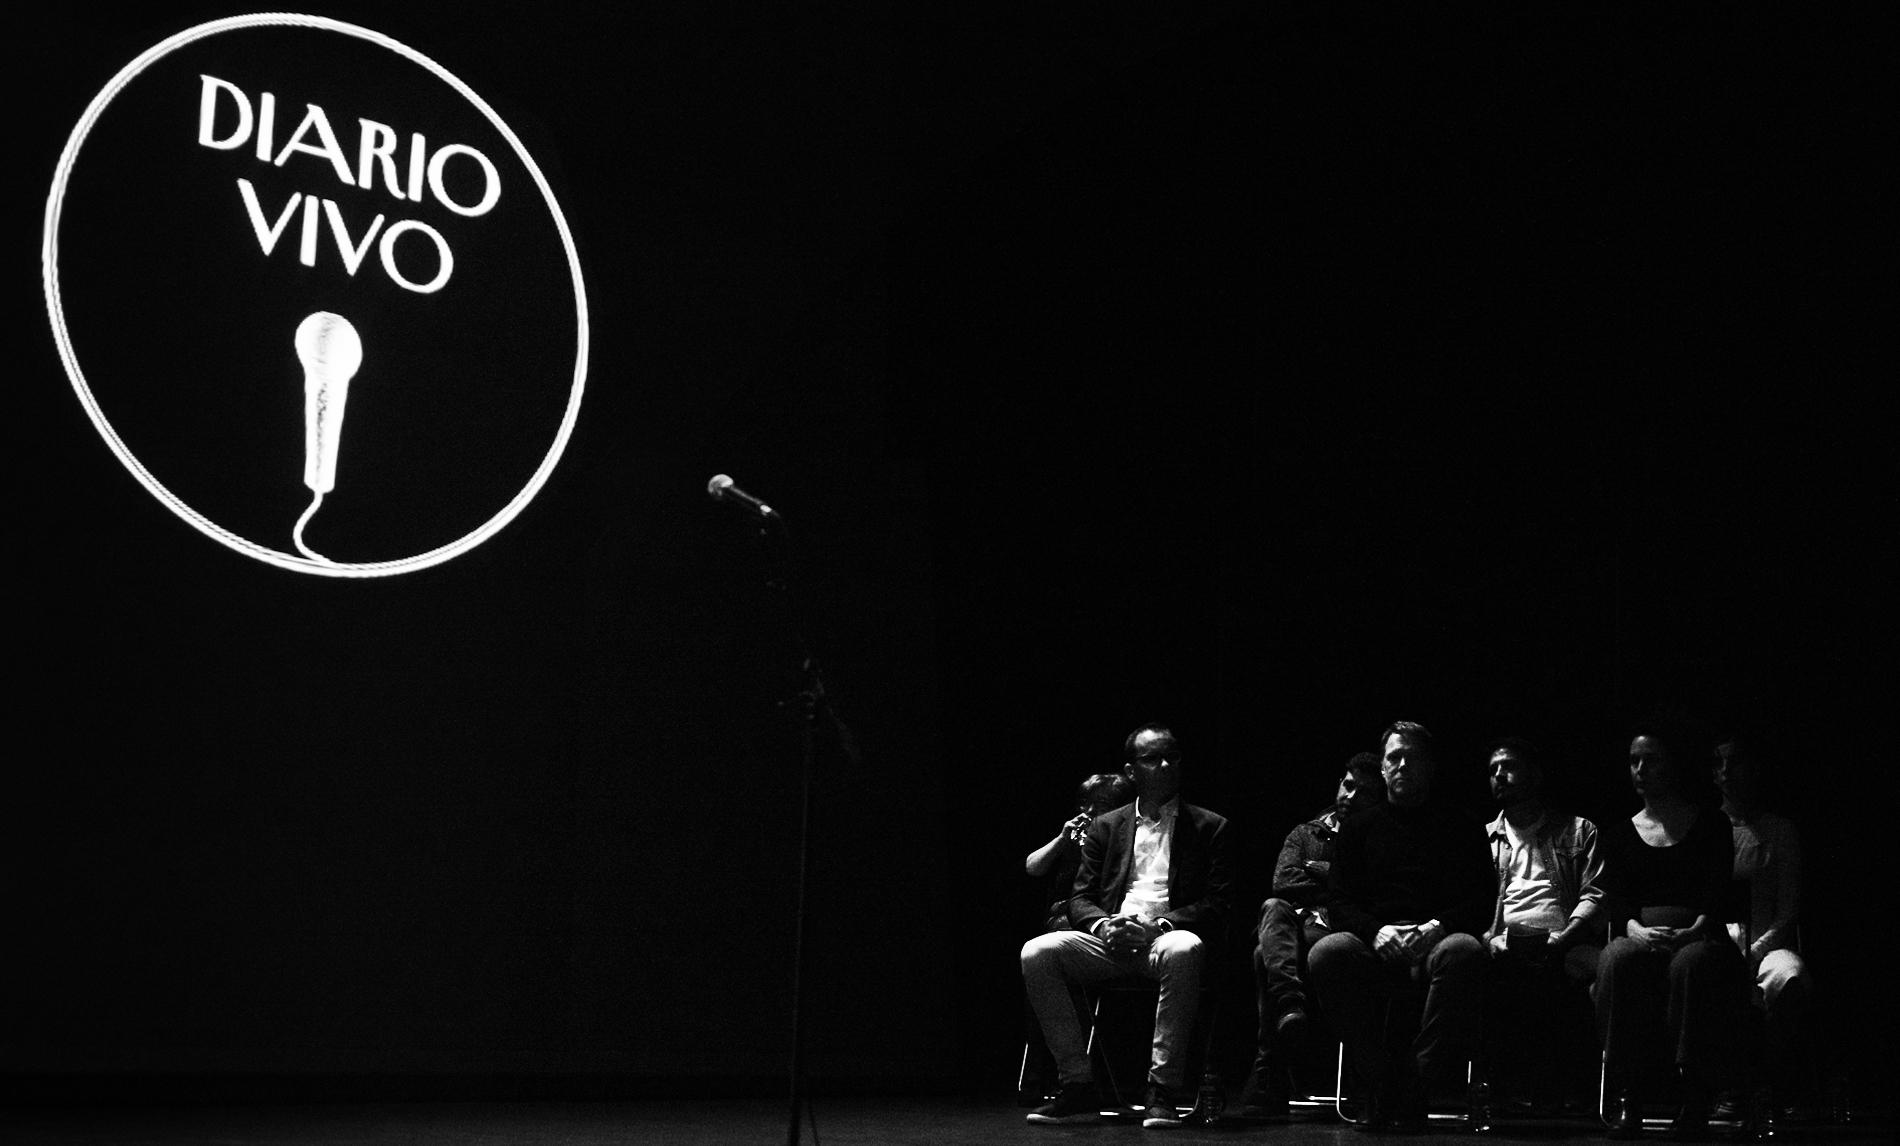 Algunos de los protagonistas de una de las ediciones de Diario Vivo / Foto: Diario Vivo